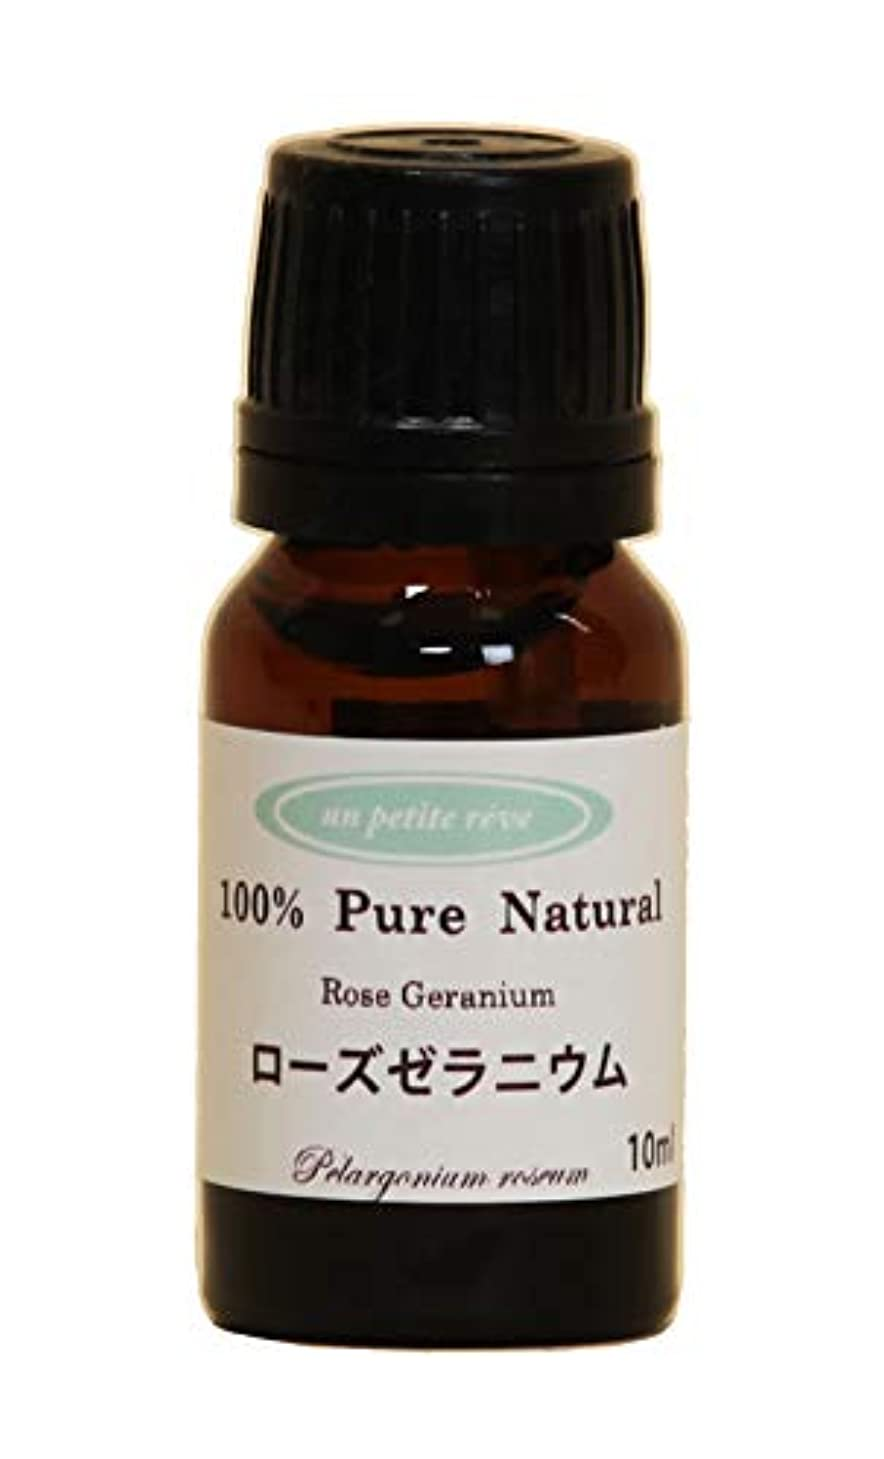 釈義ステープル誰ローズゼラニウム 10ml 100%天然アロマエッセンシャルオイル(精油)